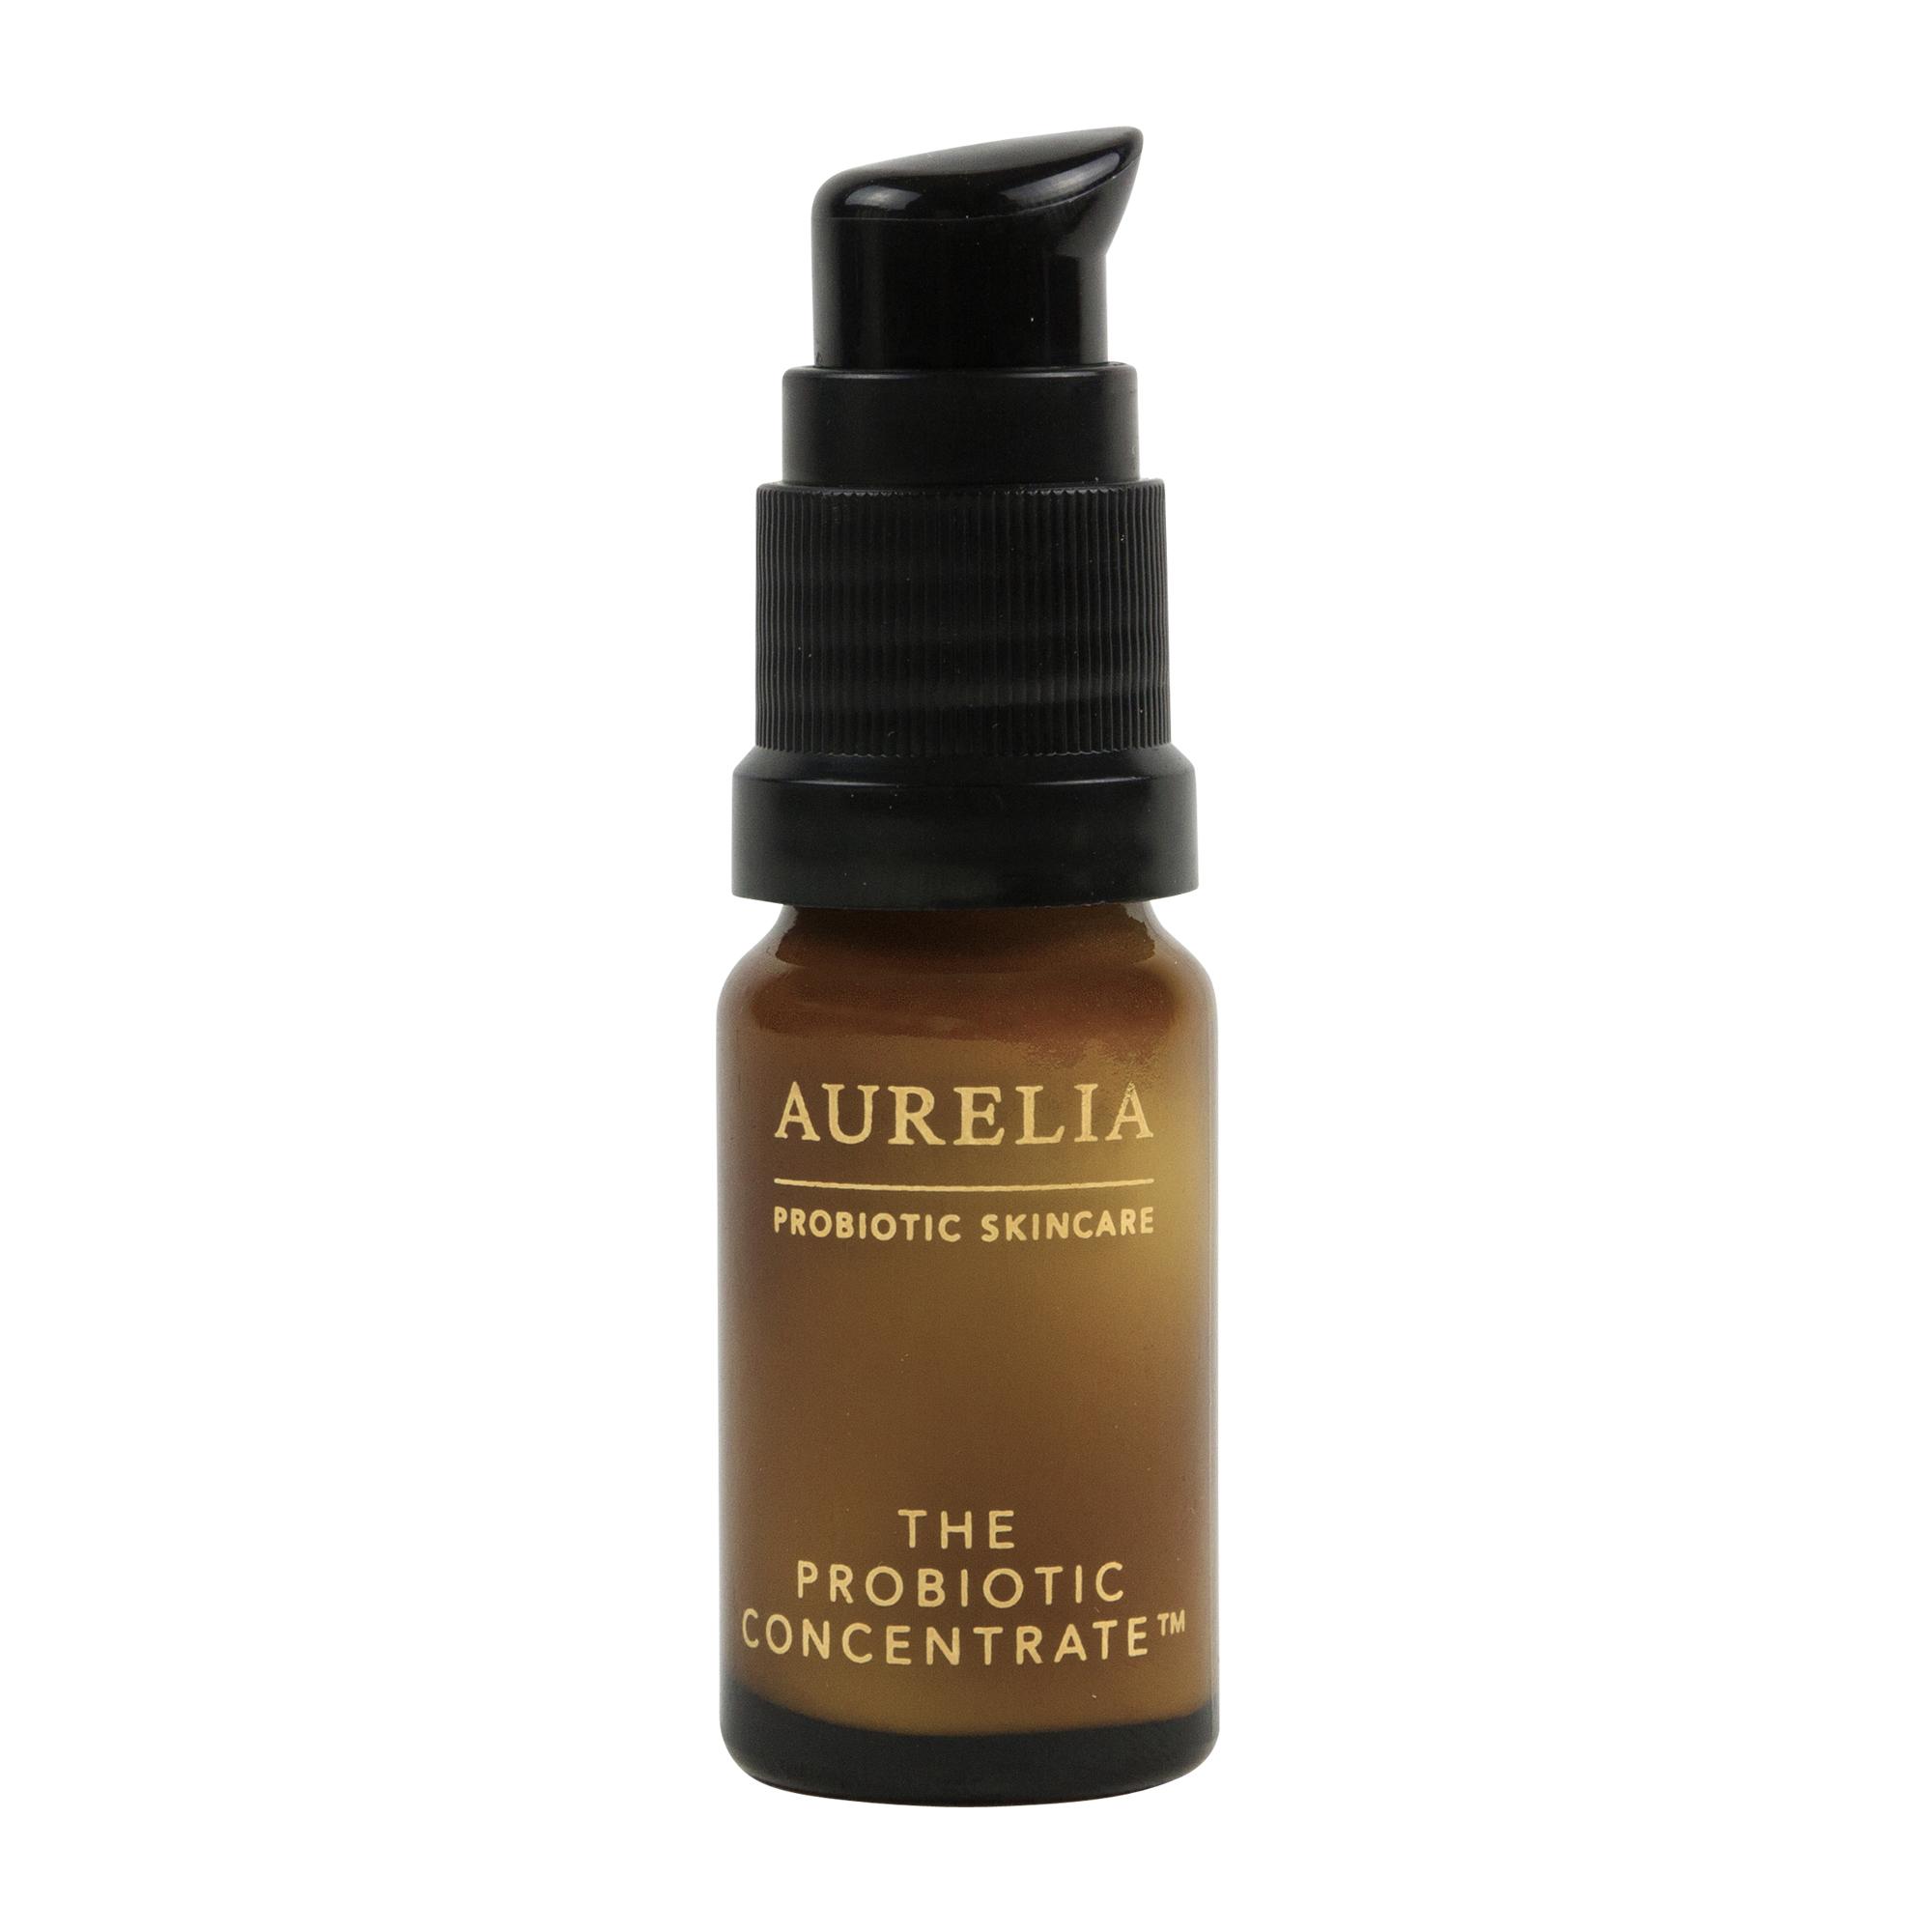 Aurelia Probiotic Concentrate, 30 ml